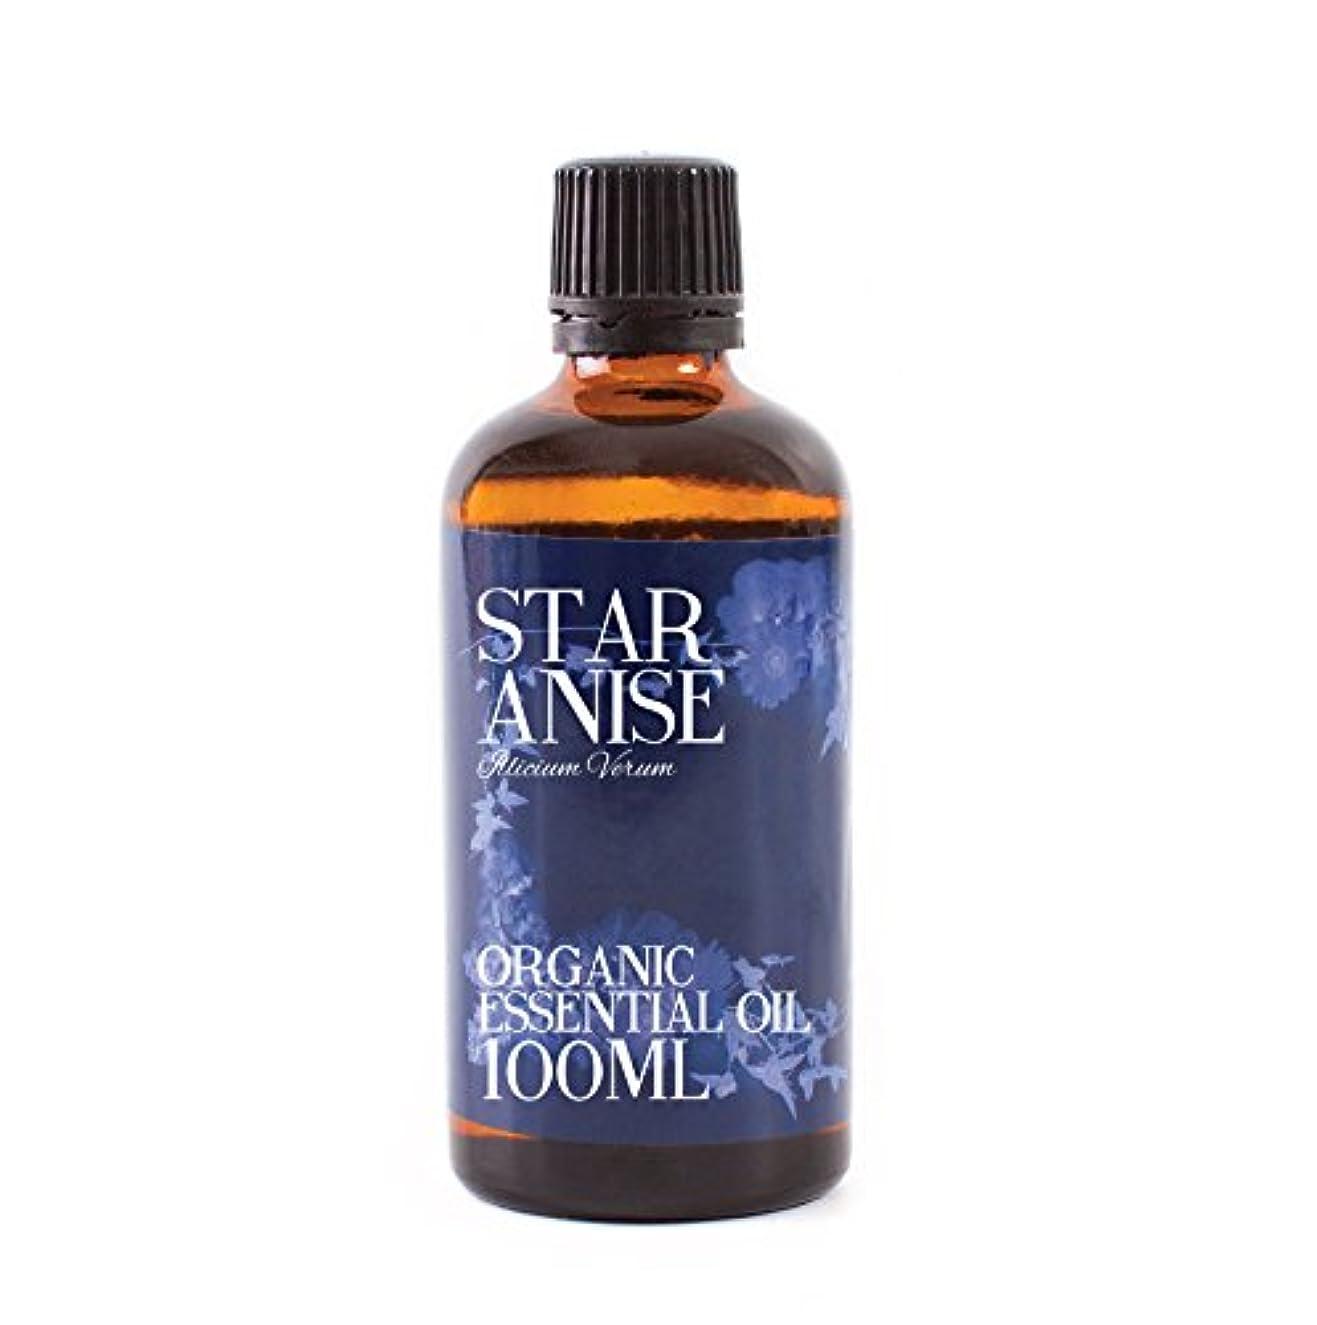 放射能衝突コース同一のMystic Moments | Star Anise Organic Essential Oil - 100ml - 100% Pure